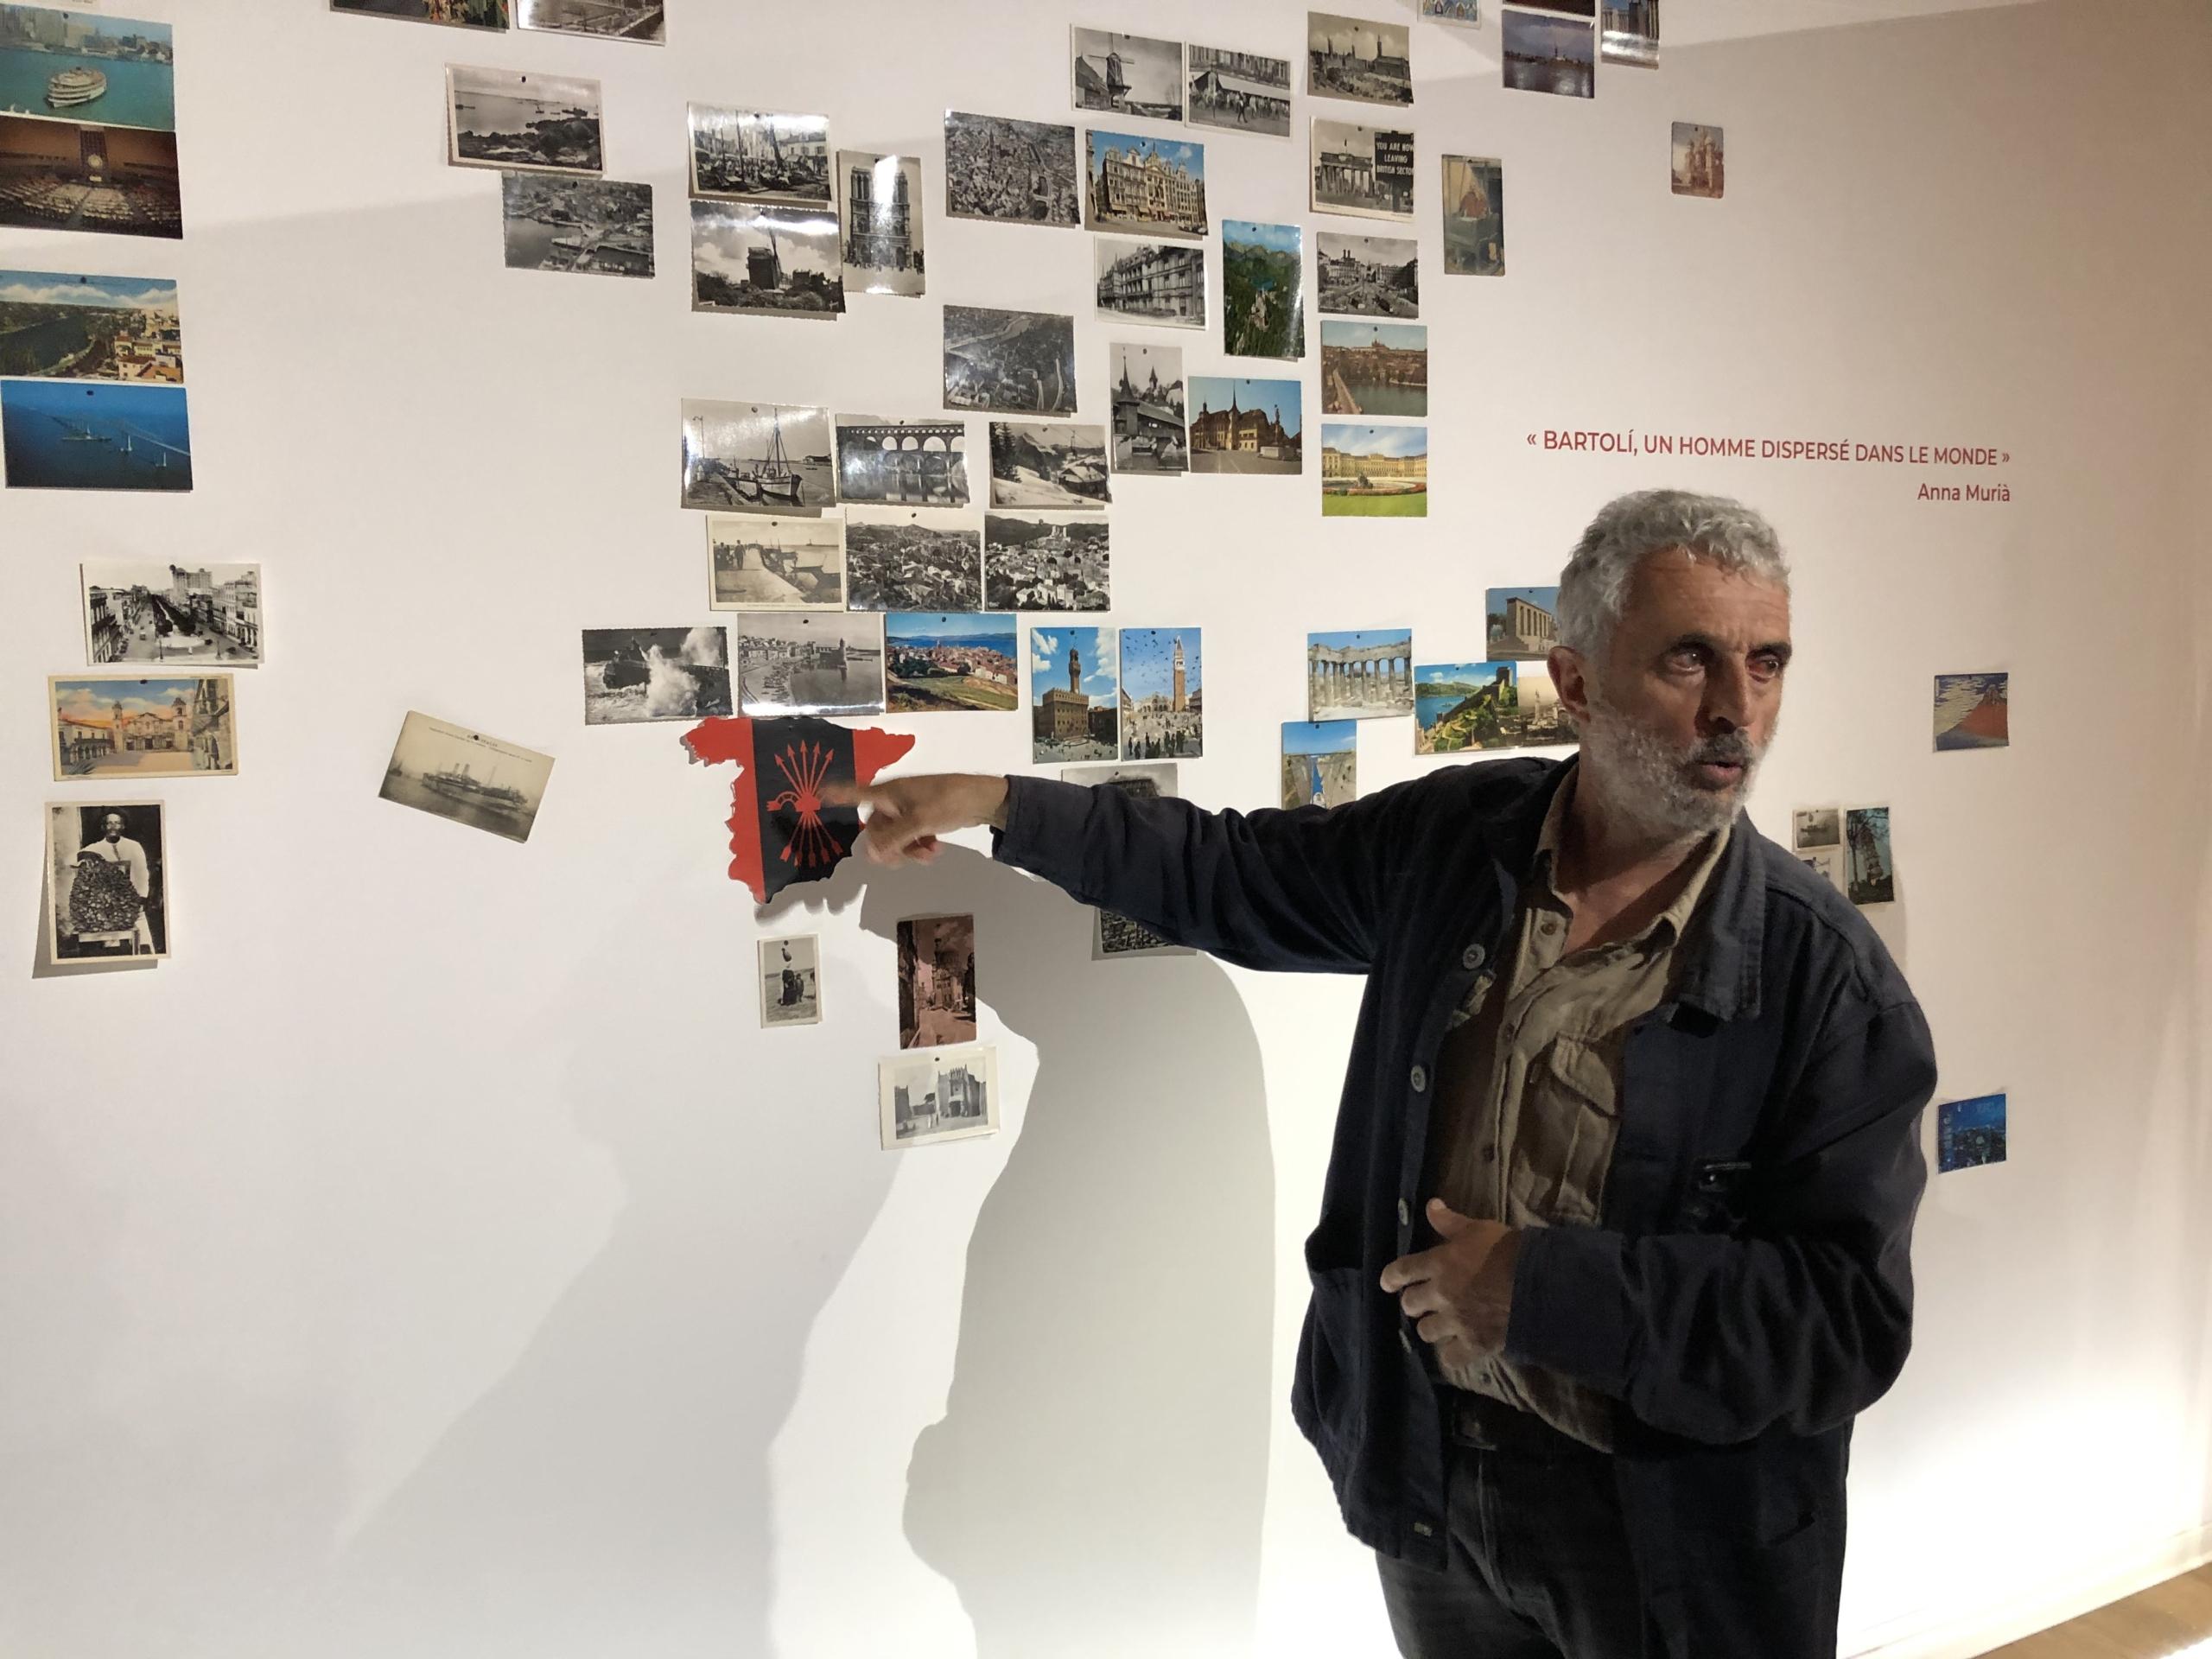 El nebot del Josep Bartolí, Jordi Bartolí, assenyalant un mural de postals del seu oncle arreu del món, menys l'Espanya franquista, a l'exposició 'Els colors de l'exili' del Memorial de Ribesaltes, amb una cita de l'Anna Murià de fons